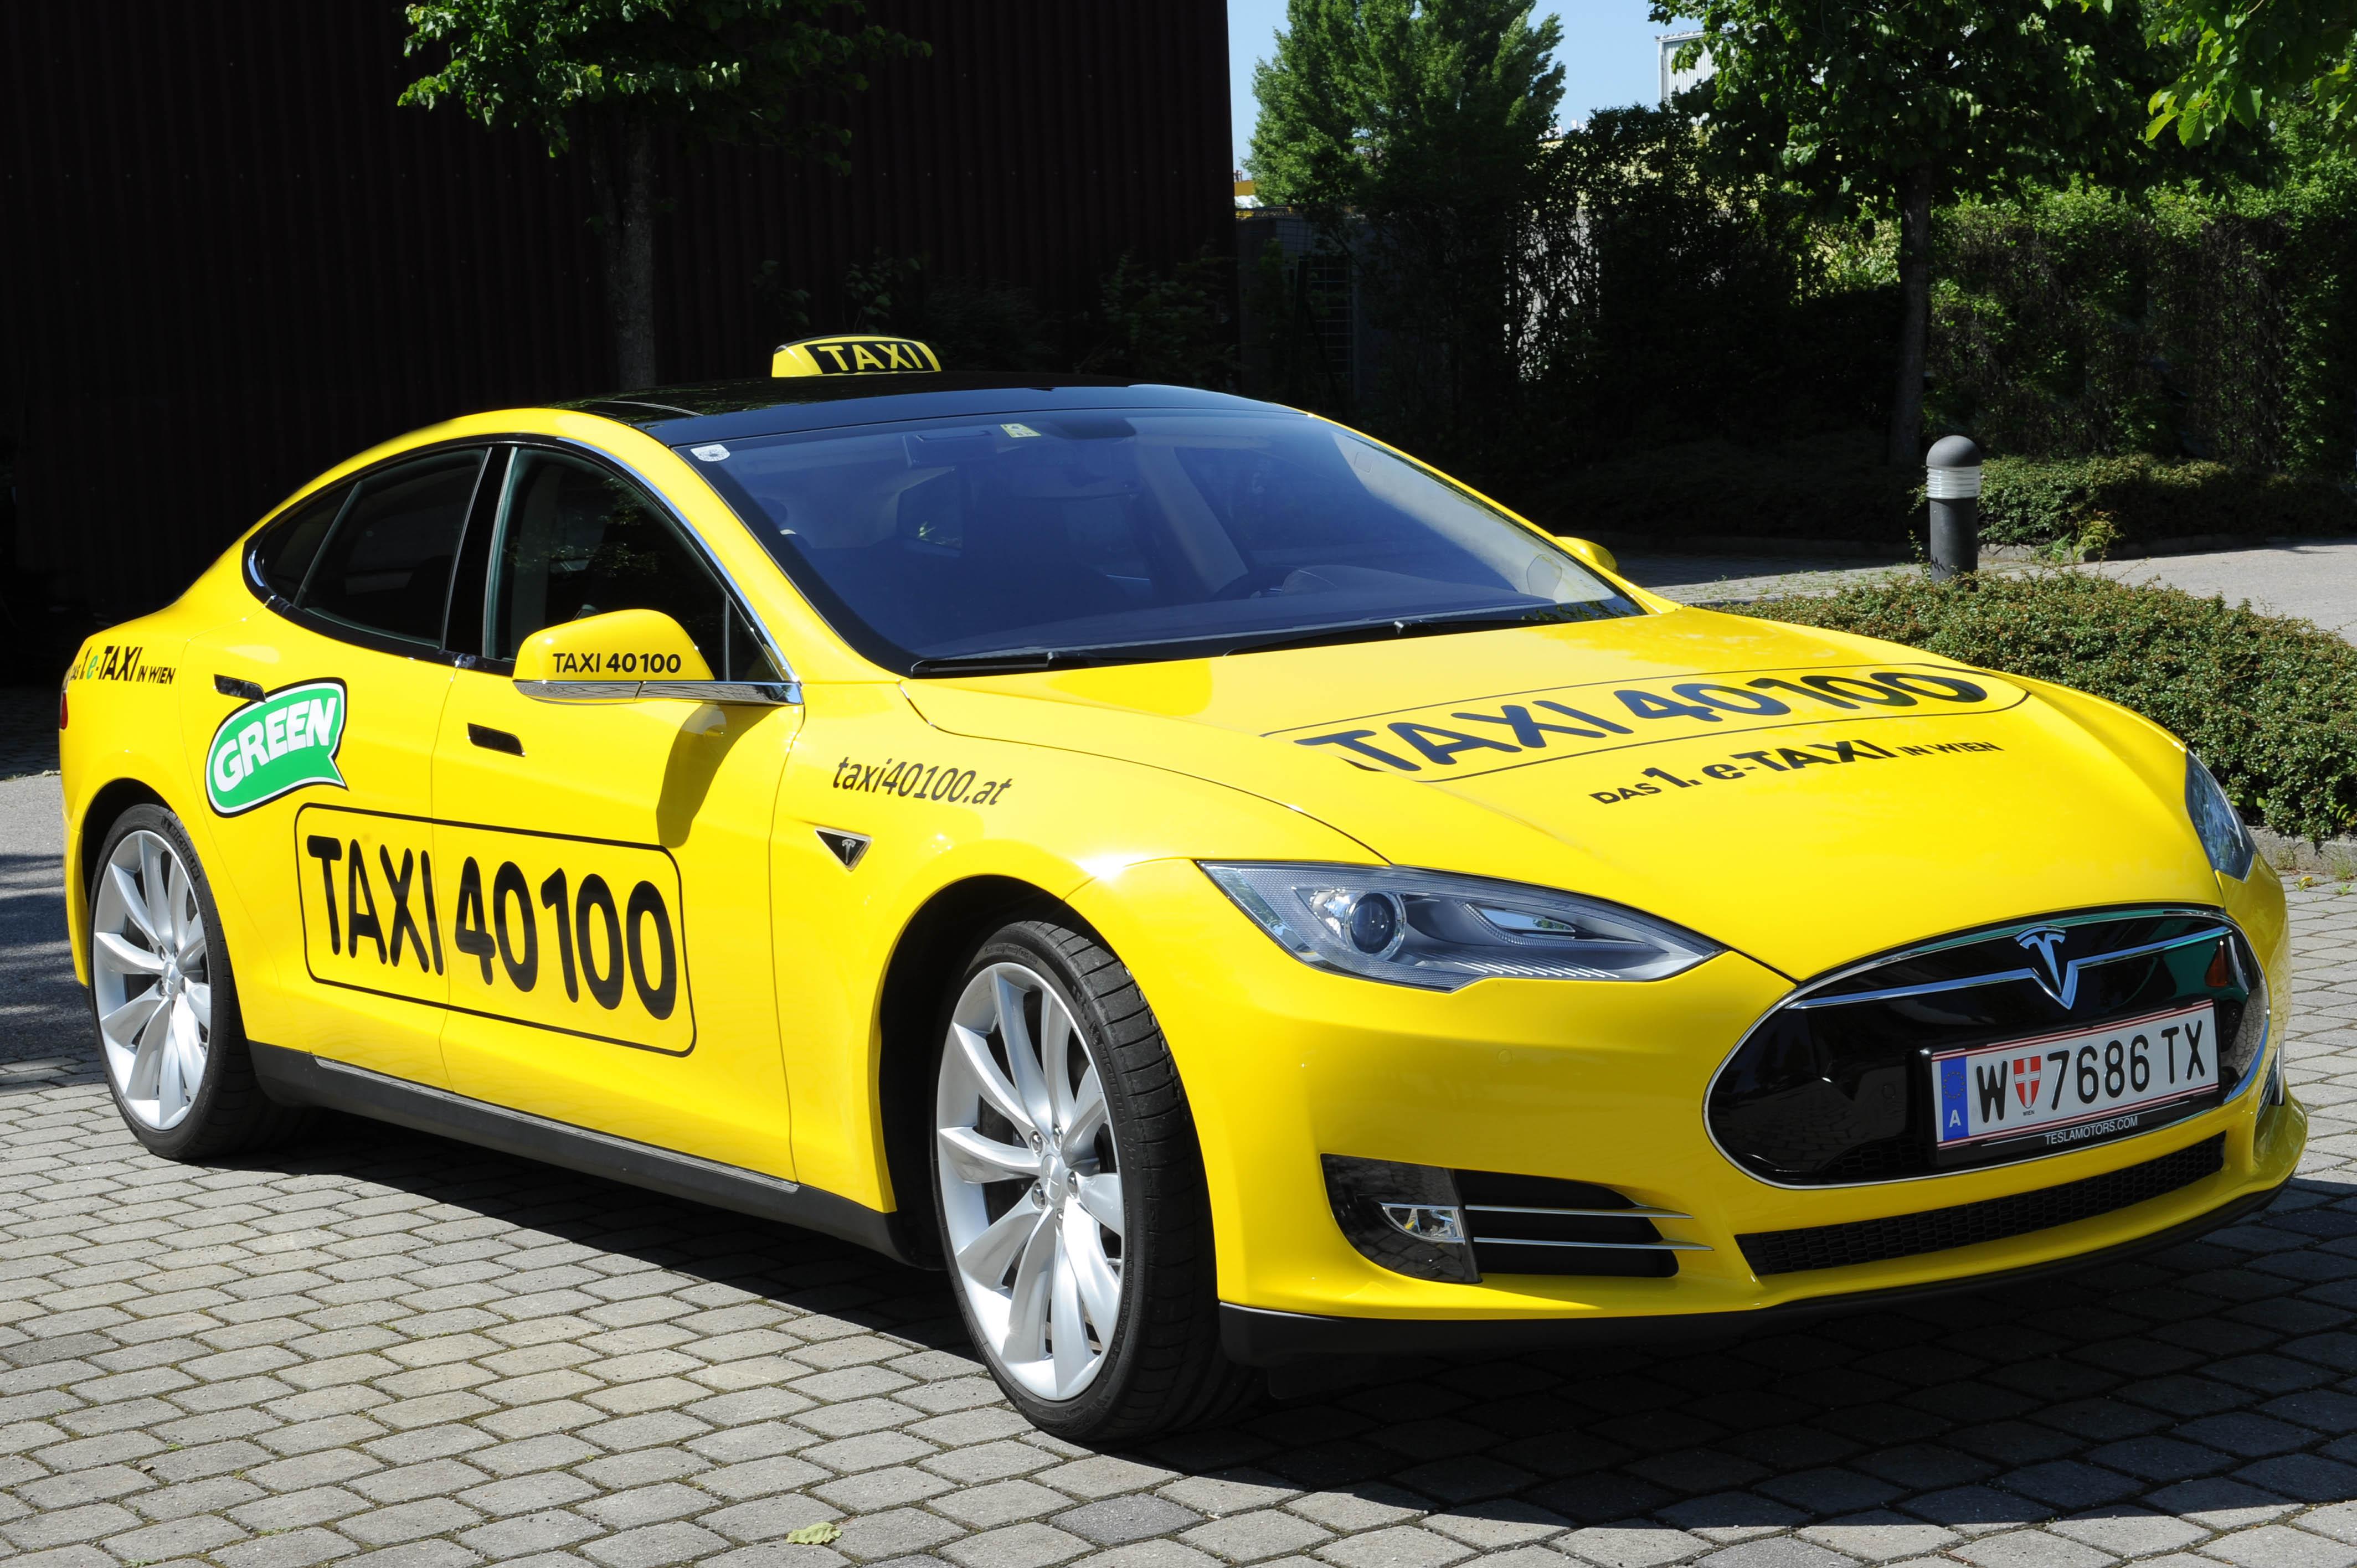 422 Auto Sales >> Ein E-Taxi, bitte: Erstes Tesla-Taxi in Wien - Auto - derStandard.at › Lifestyle